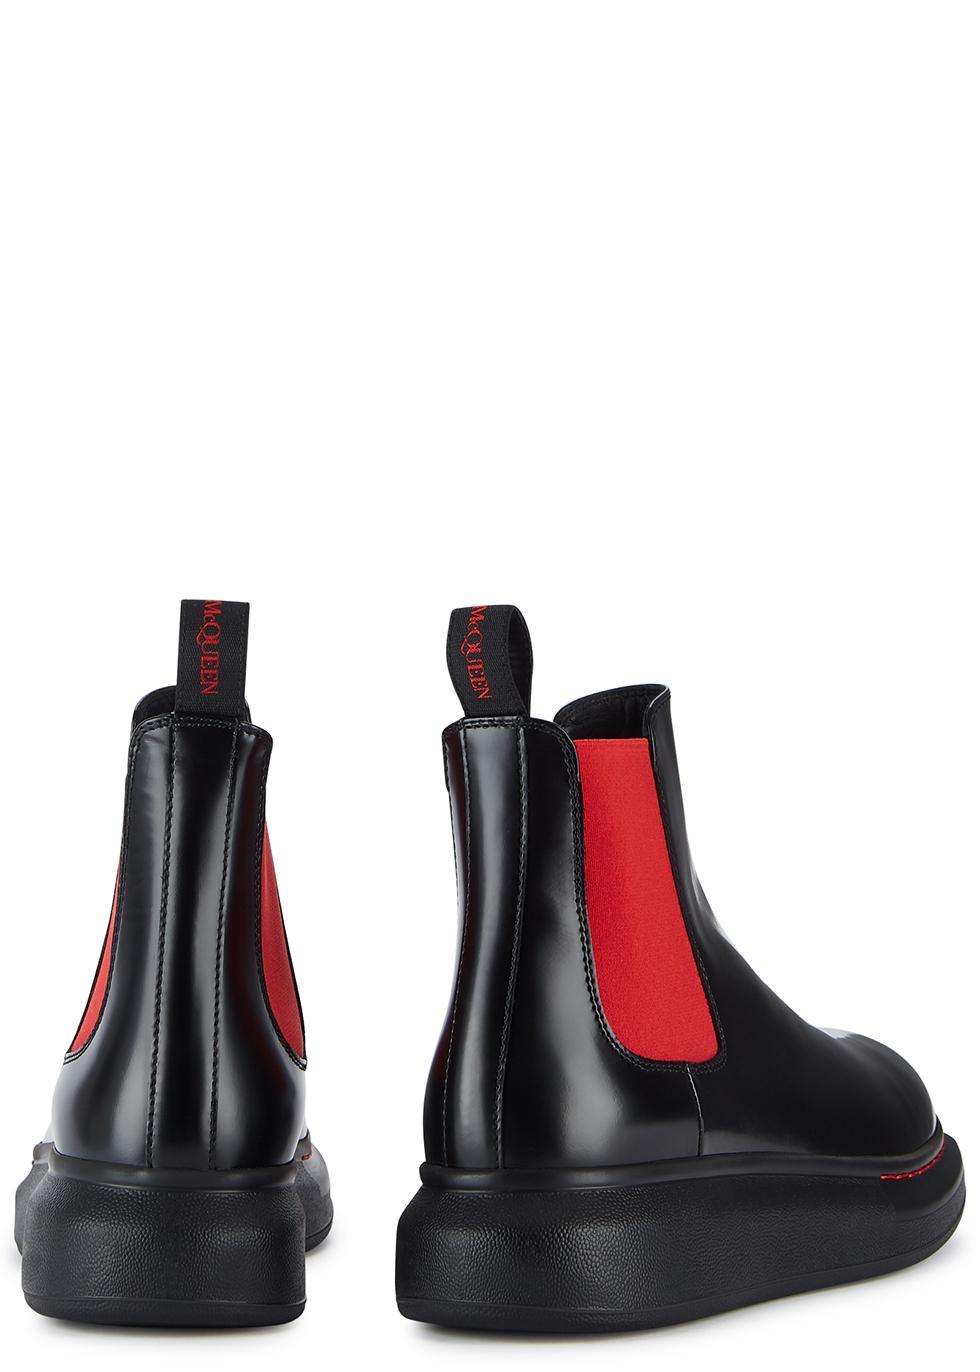 rubber Chelsea boots - Harvey Nichols